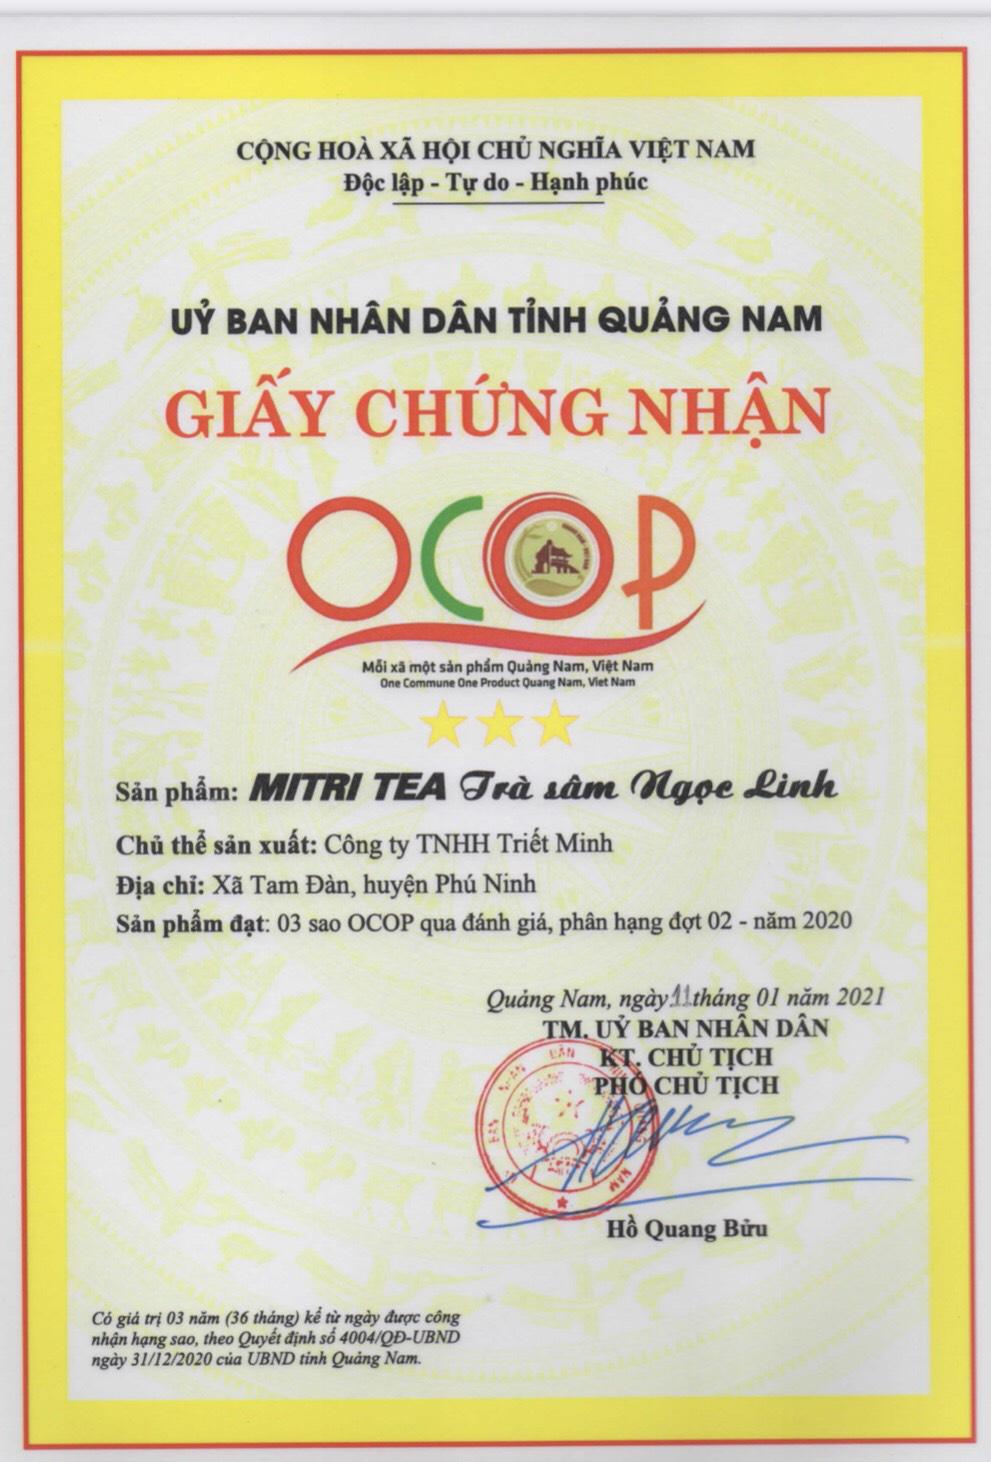 """Quảng Nam: Hai sản phẩm quý hơn """"vàng"""" được công nhận 3 sao OCOP - Ảnh 1."""